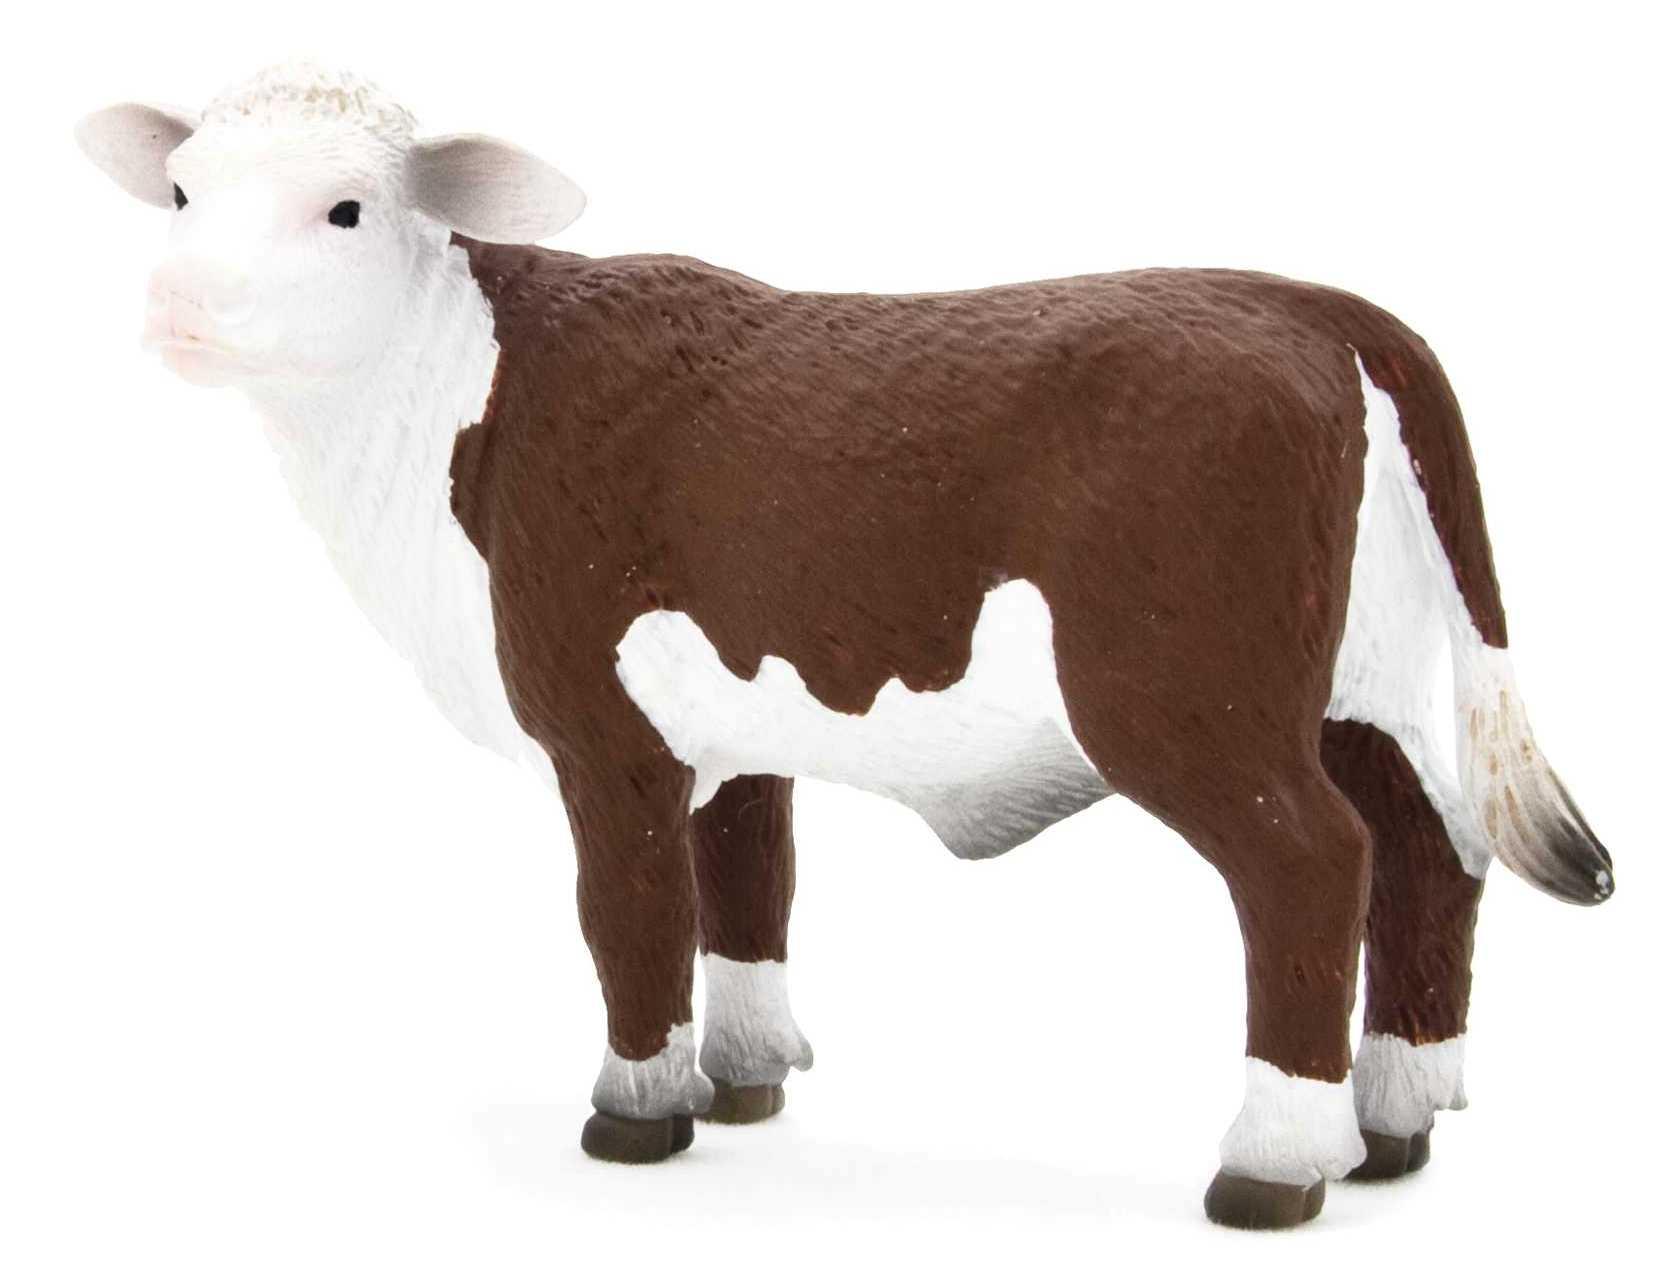 Херефордский теленок, наблюдающий, 9 смНа ферме (Farm life)<br>Херефордский теленок, наблюдающий, 9 см<br>